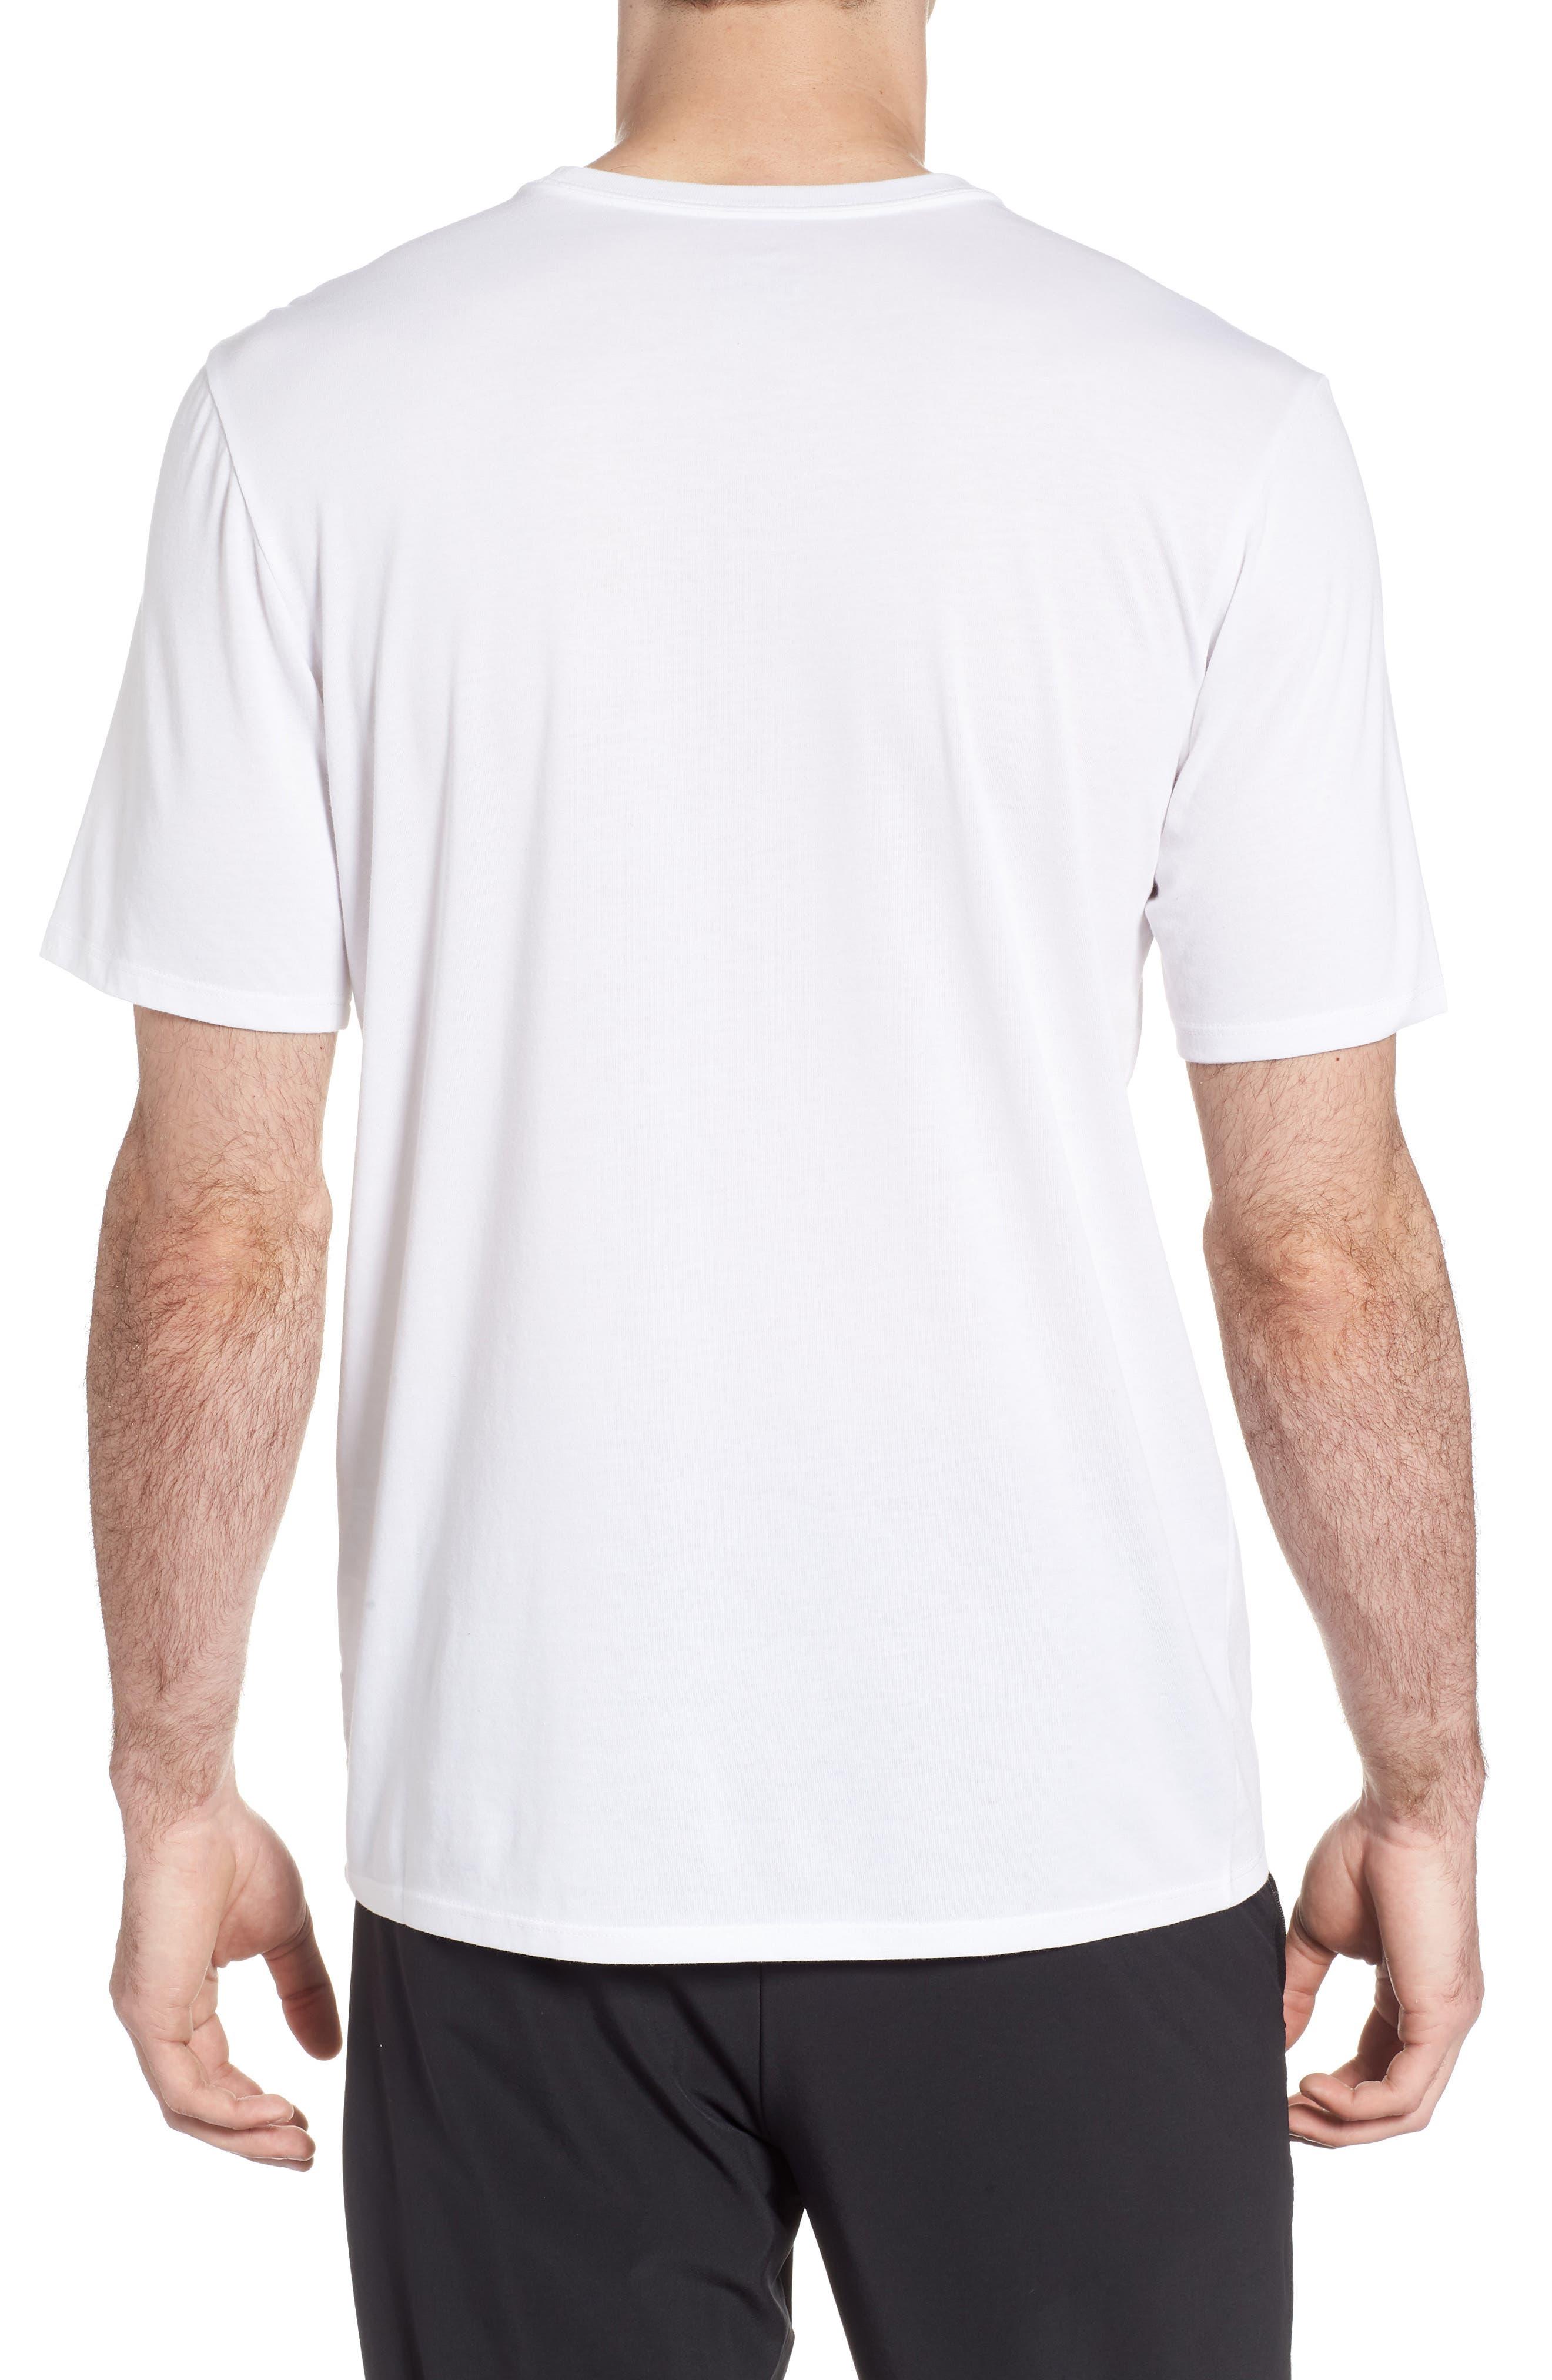 Dry Lockup T-Shirt,                             Alternate thumbnail 2, color,                             White/ Black